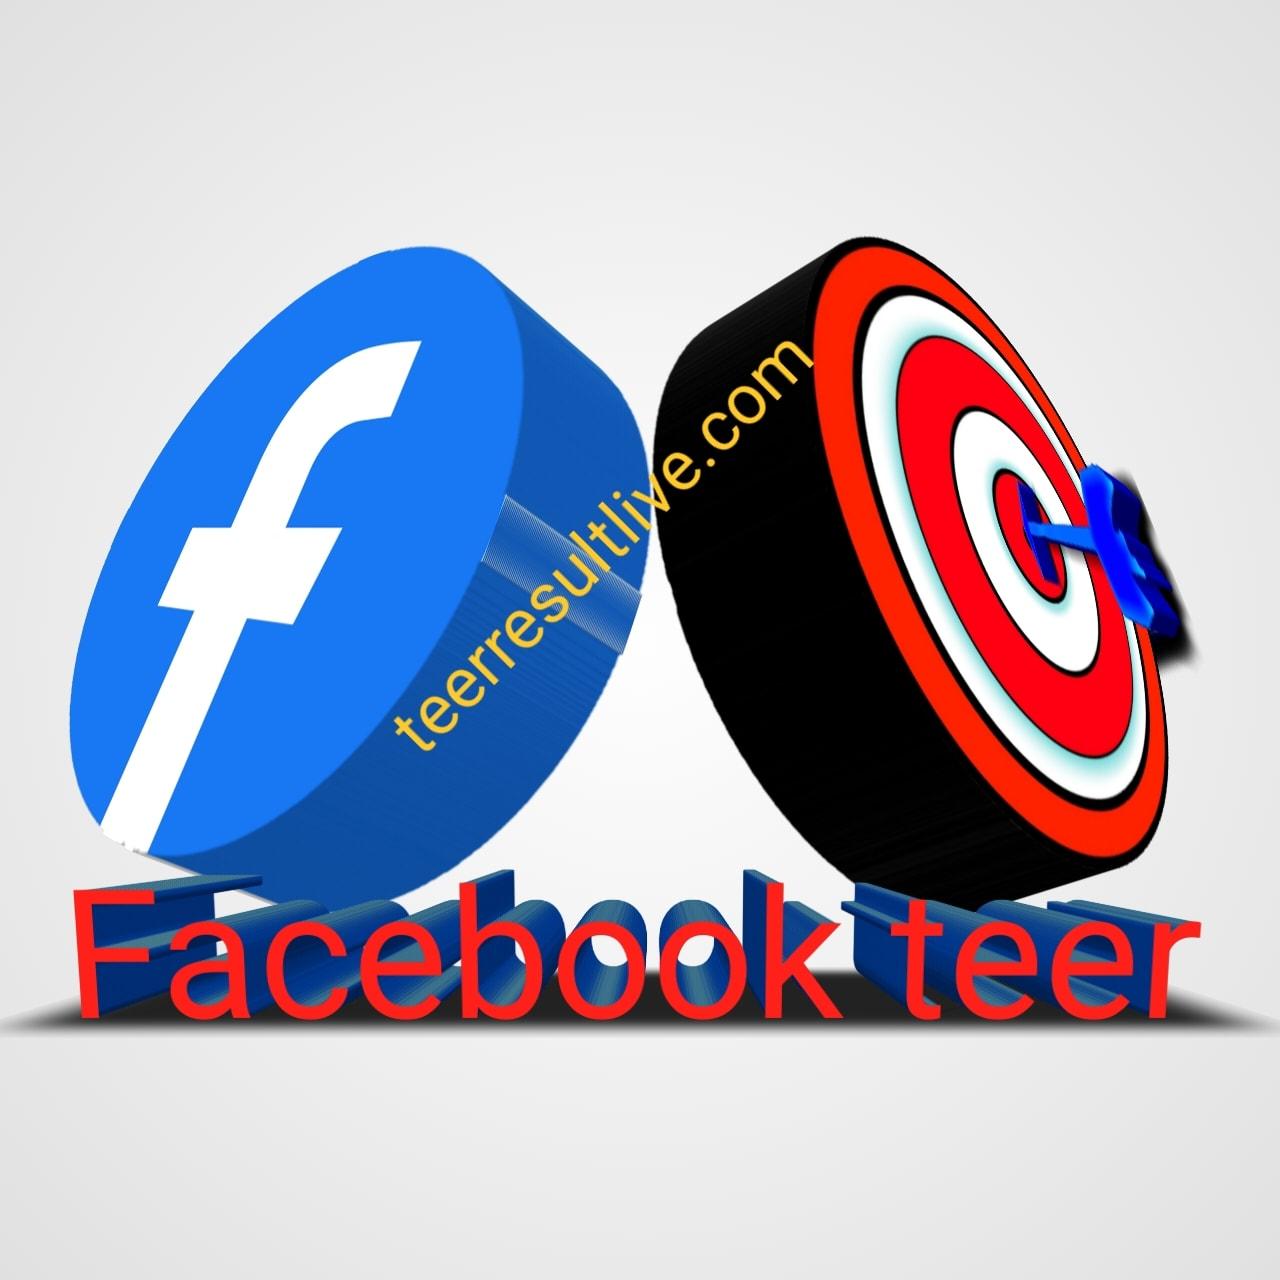 Facebook teer